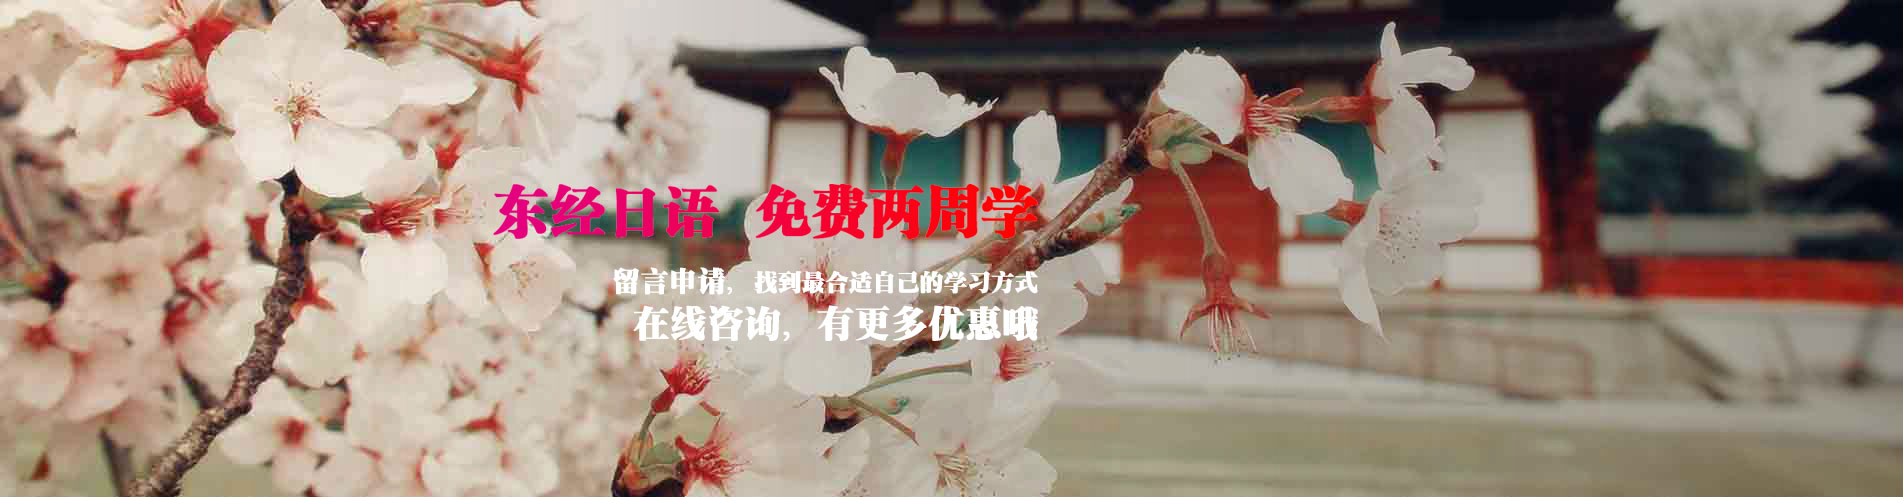 苏州东经日语培训机构,免费两周学